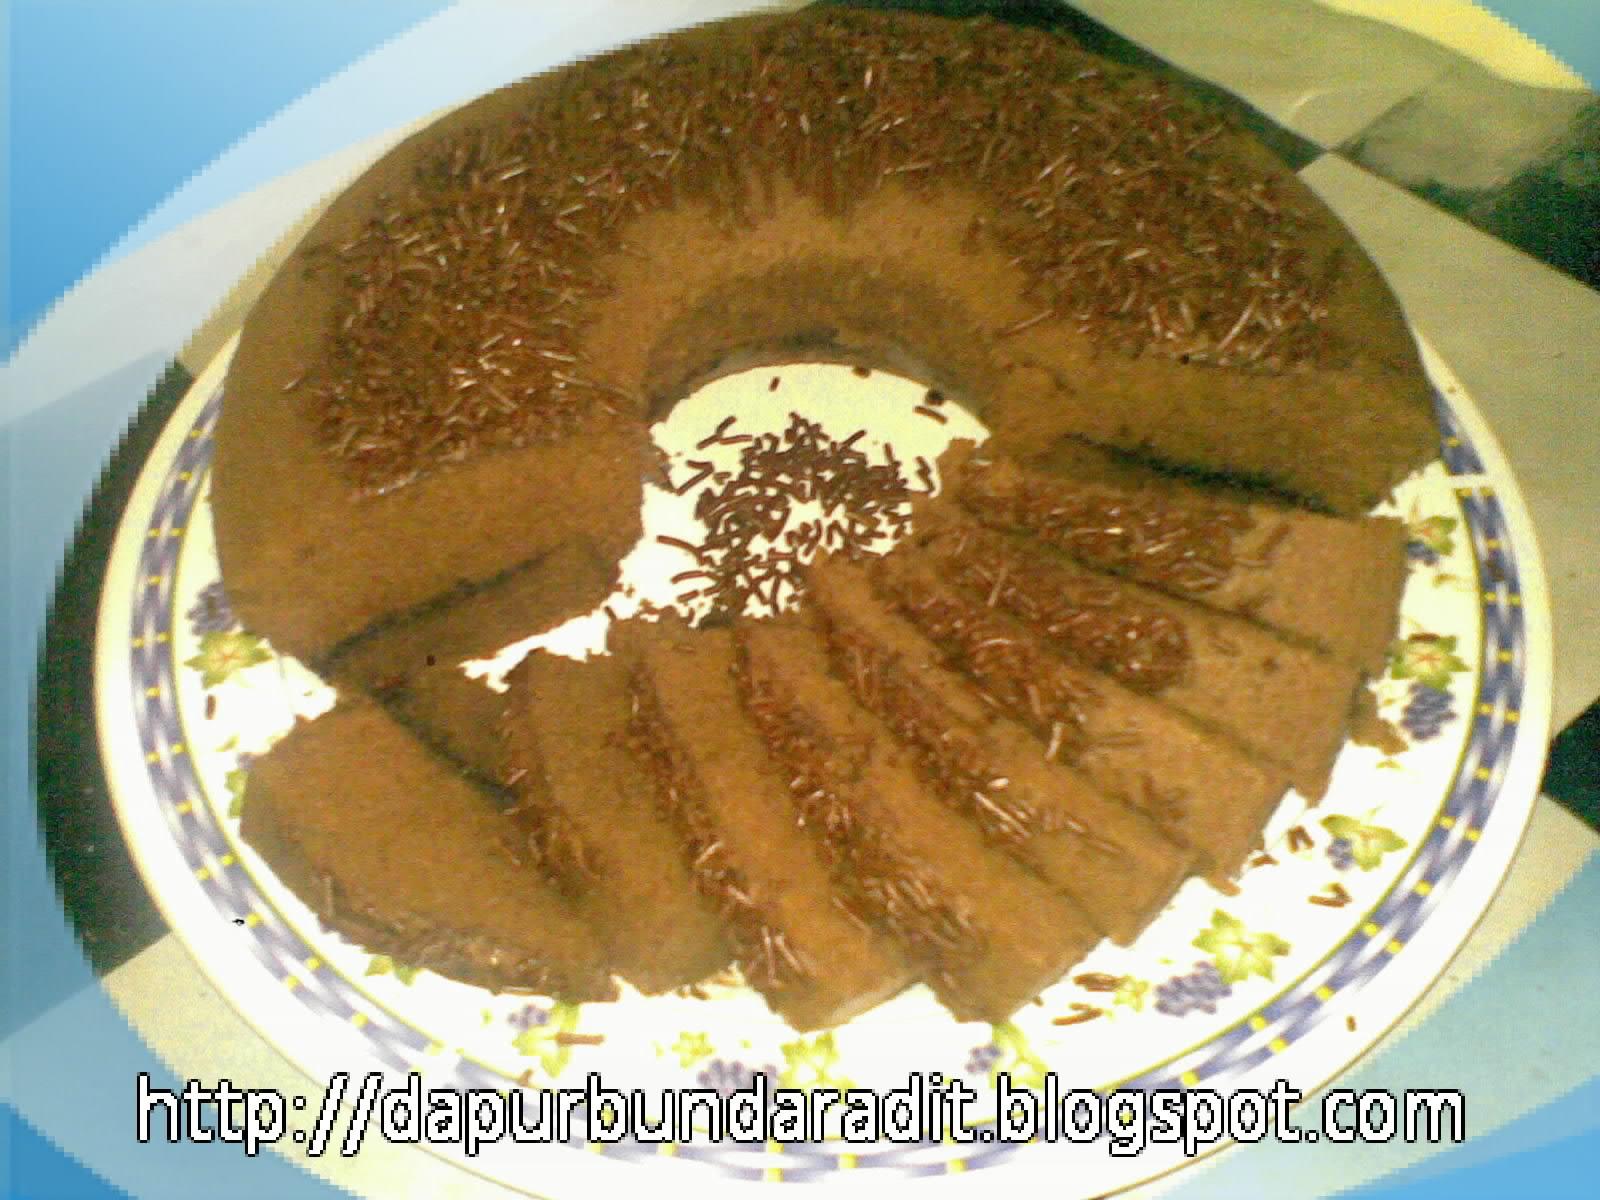 Cara Bikin Brownies   gnewsinfo.com